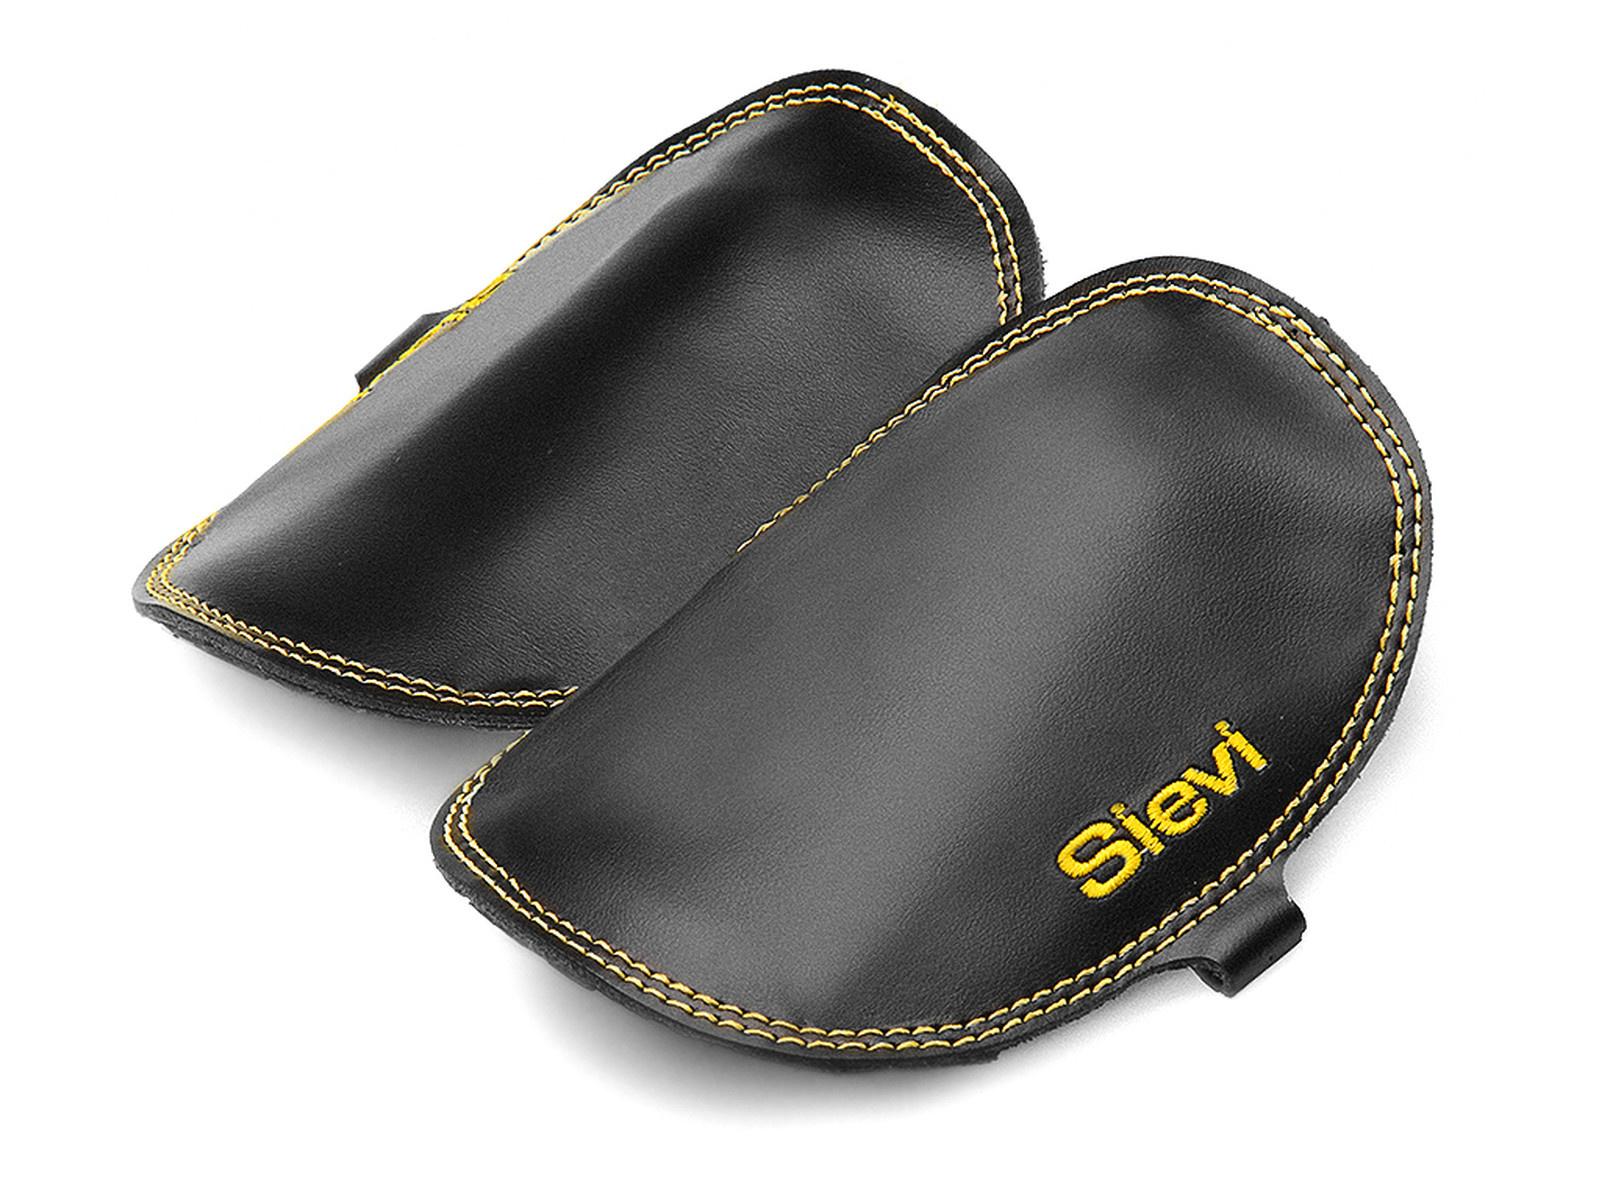 Sievi Safety Protect 3 AV Ristschutz aus Leder von SIEVI